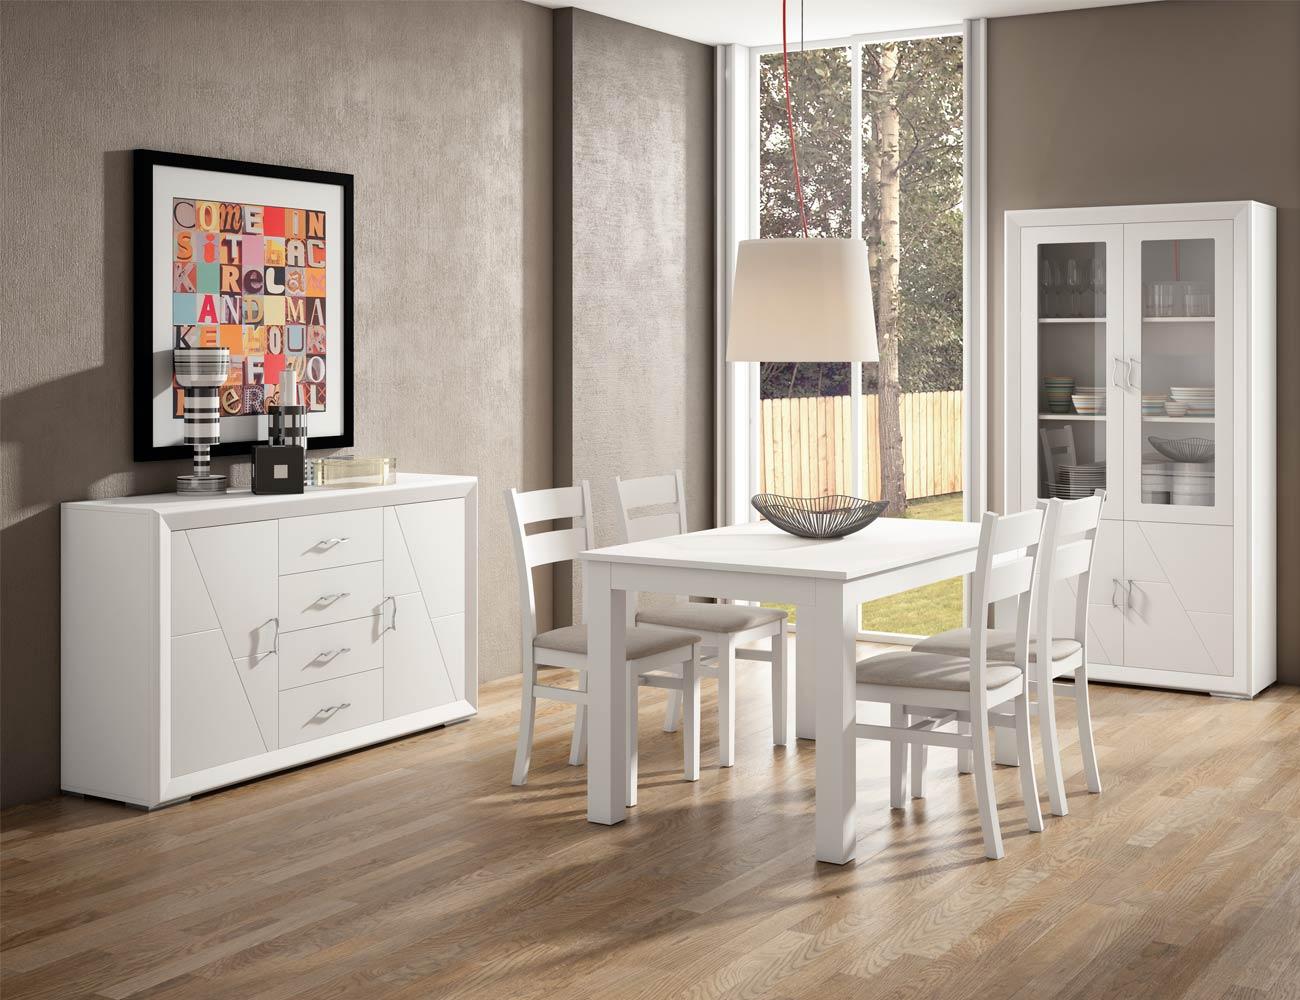 Aparador vitrina 2p silla tapizada mesa estensible madera dm lacado9